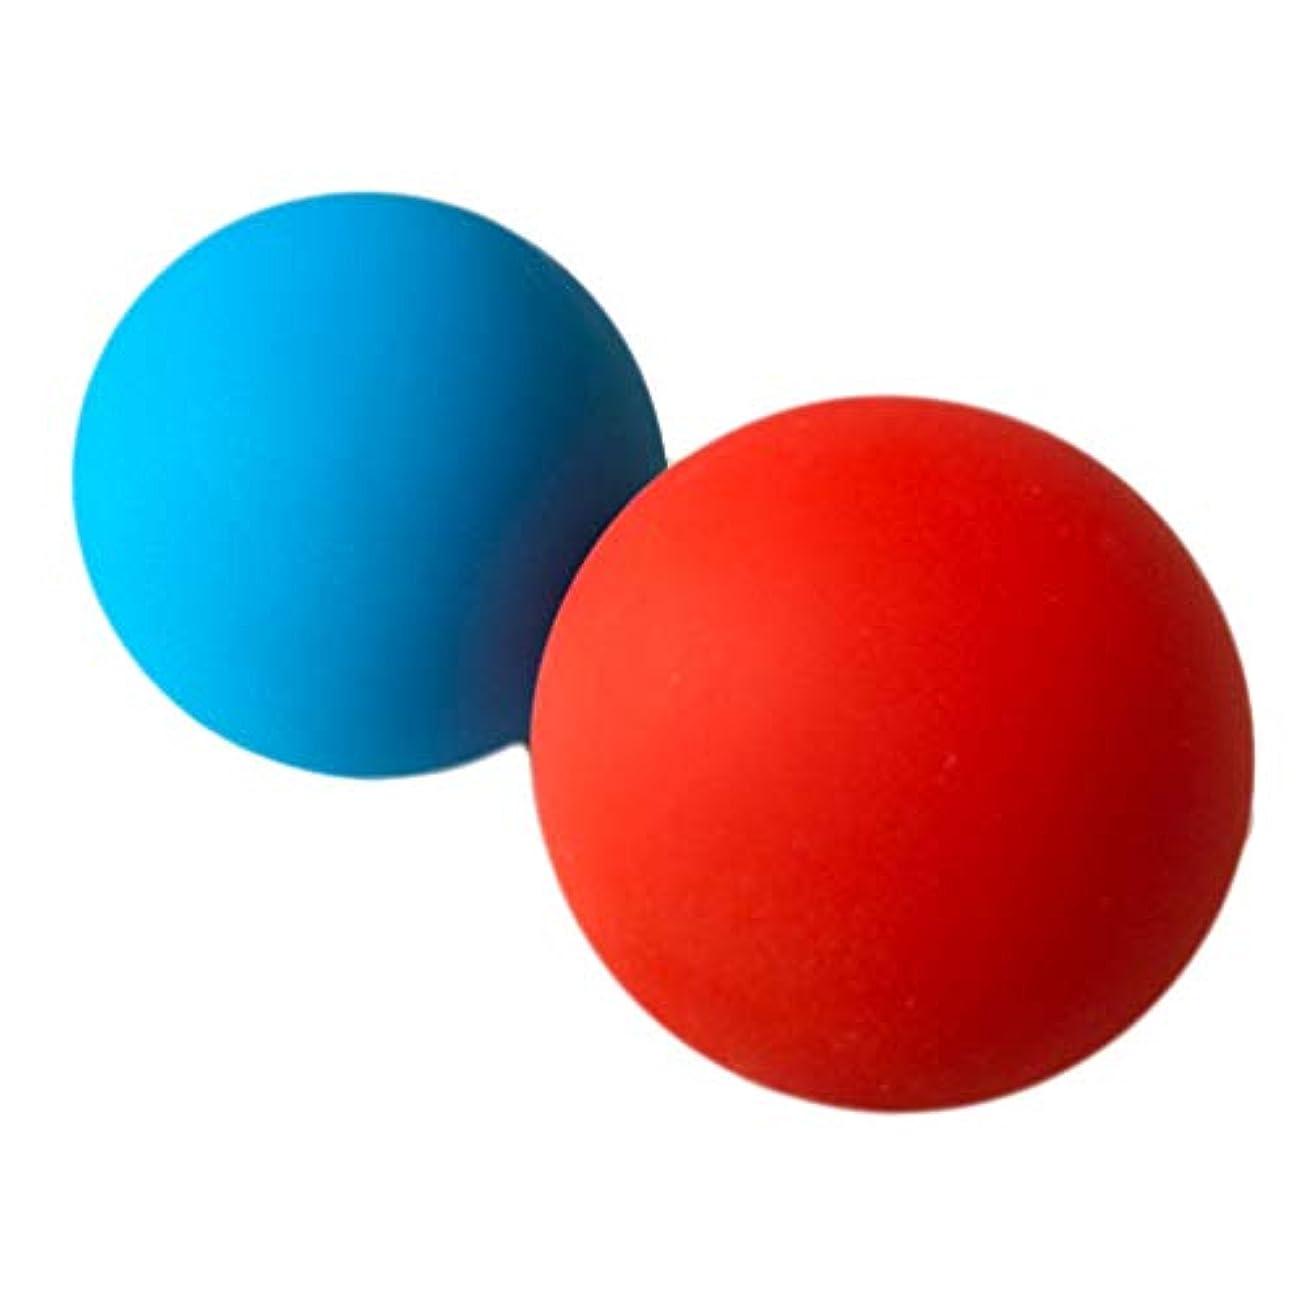 赤字おっと旅行代理店Healifty 理学療法セラピーボールヨガ深部組織マッサージトリガーポイント療法筋肉痛筋膜リリース2ピース